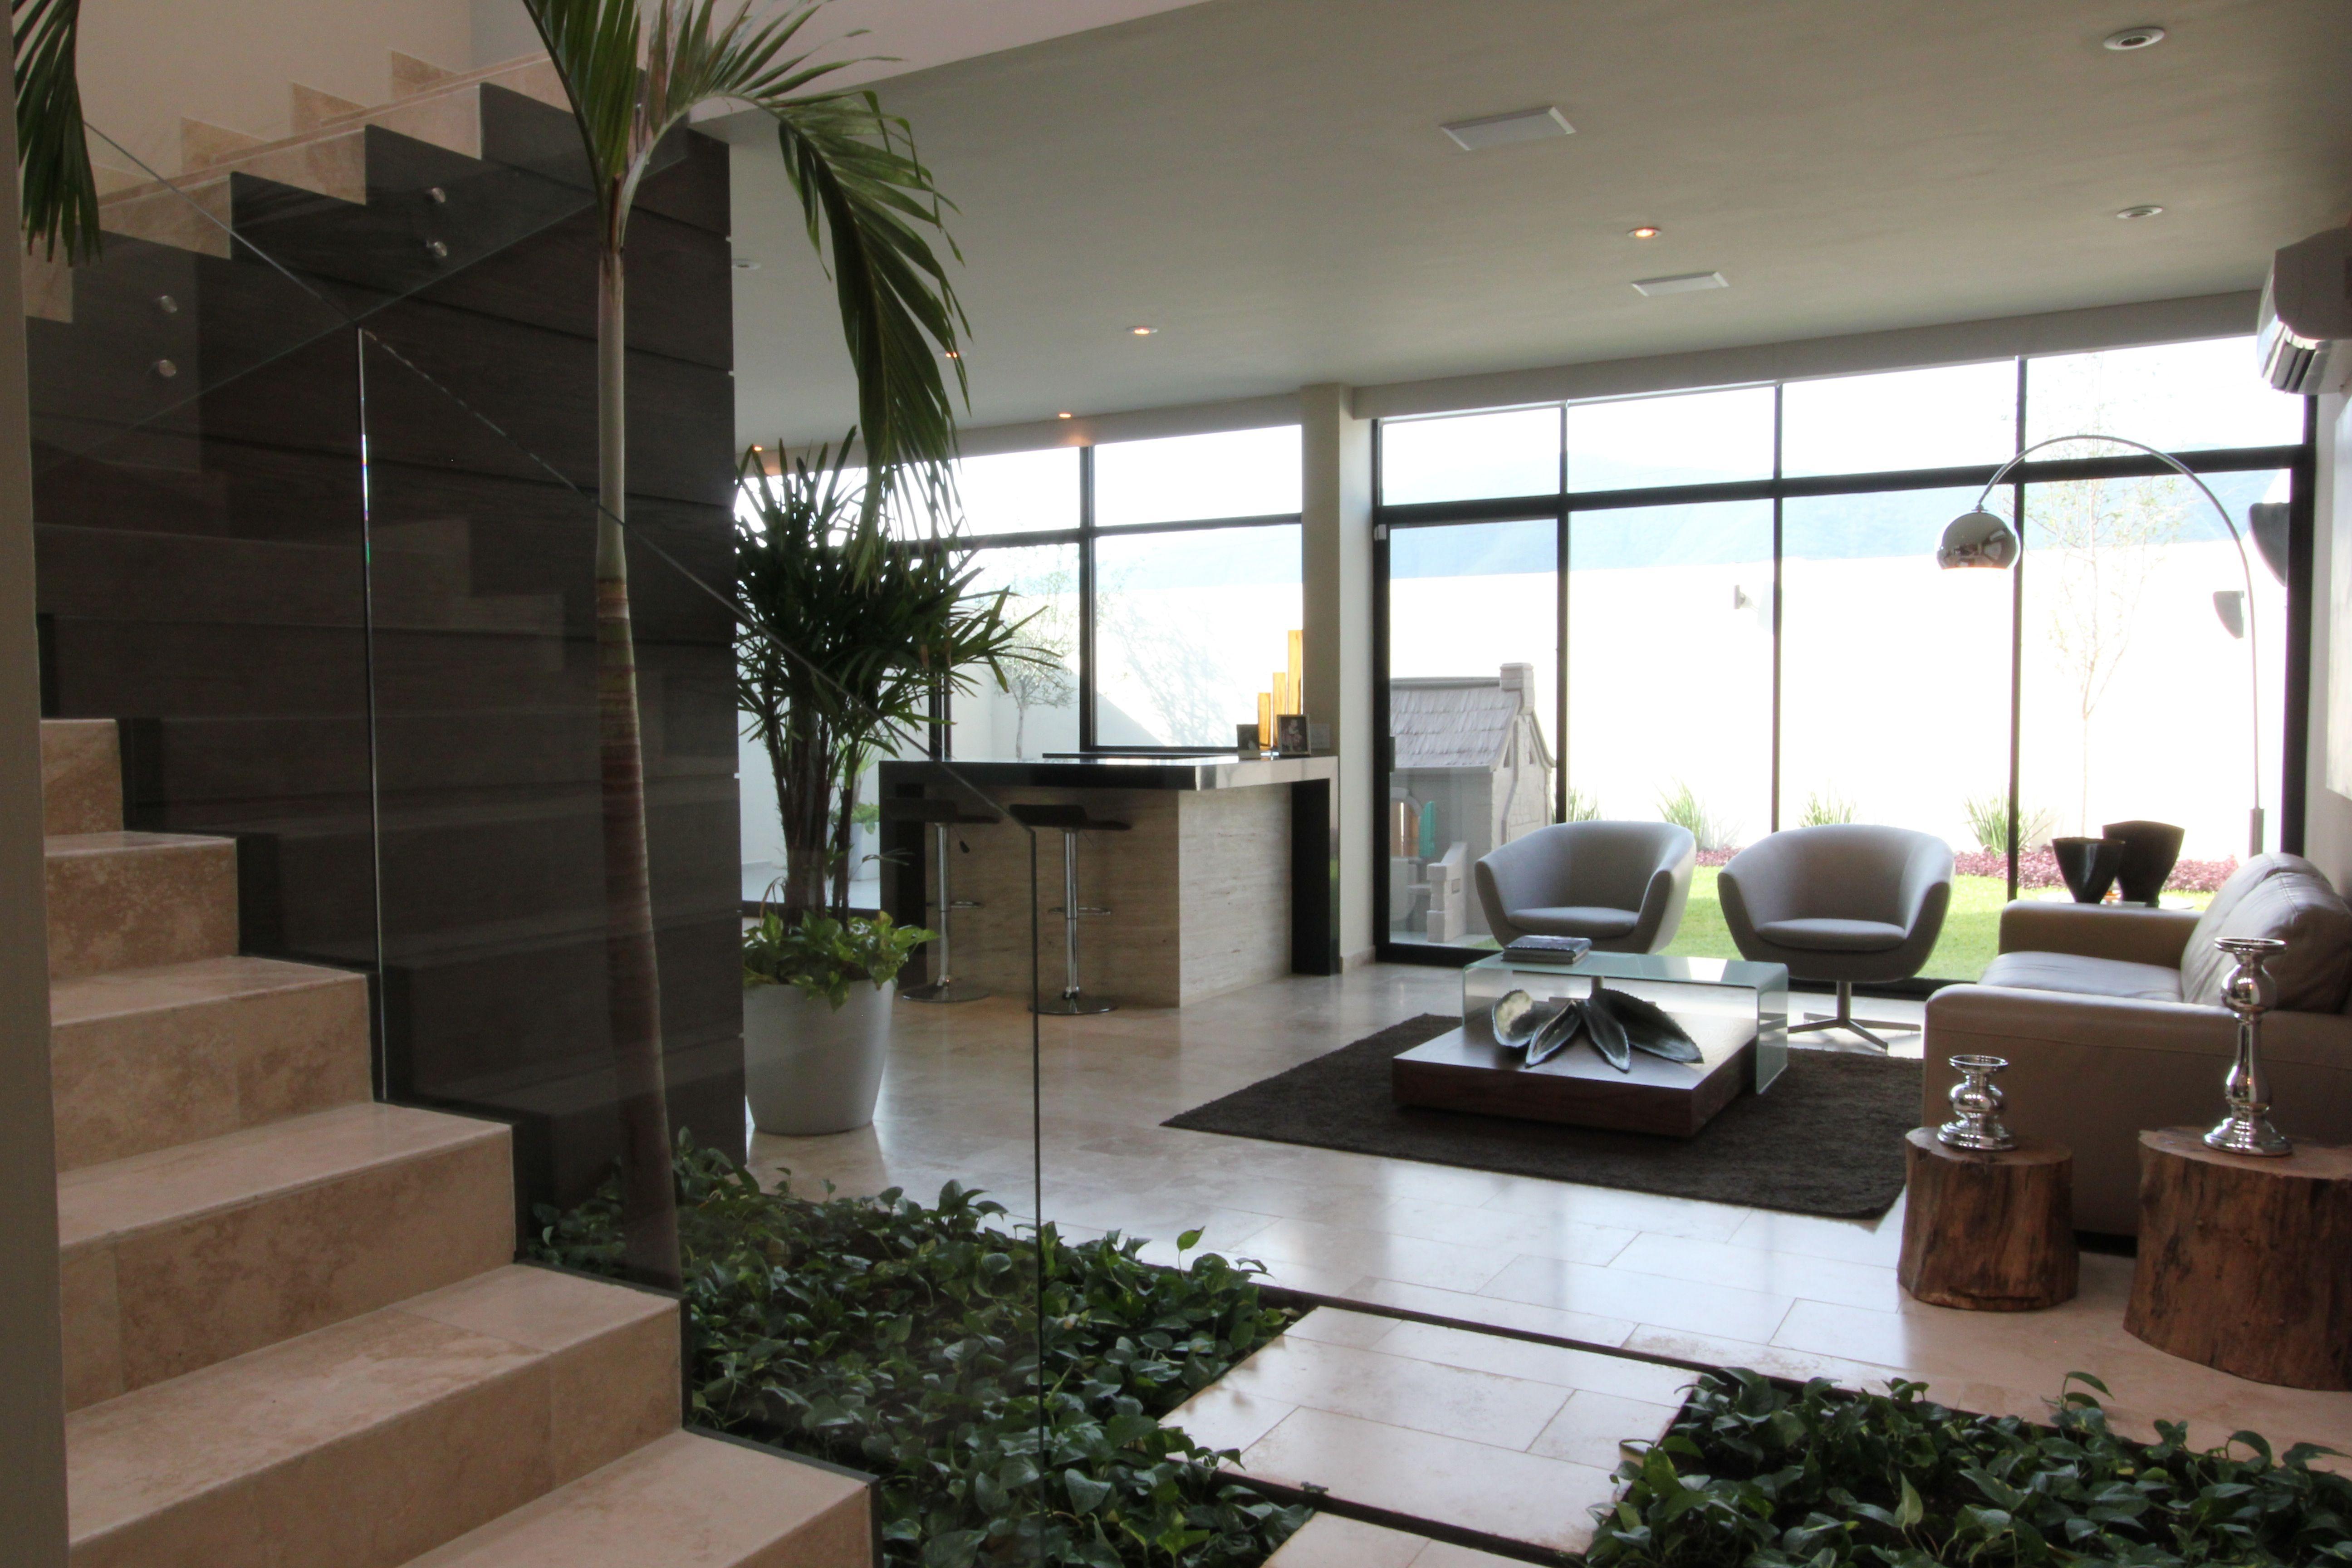 Casa con jardin artificial interior una gran idea para for Ideas para tu jardin